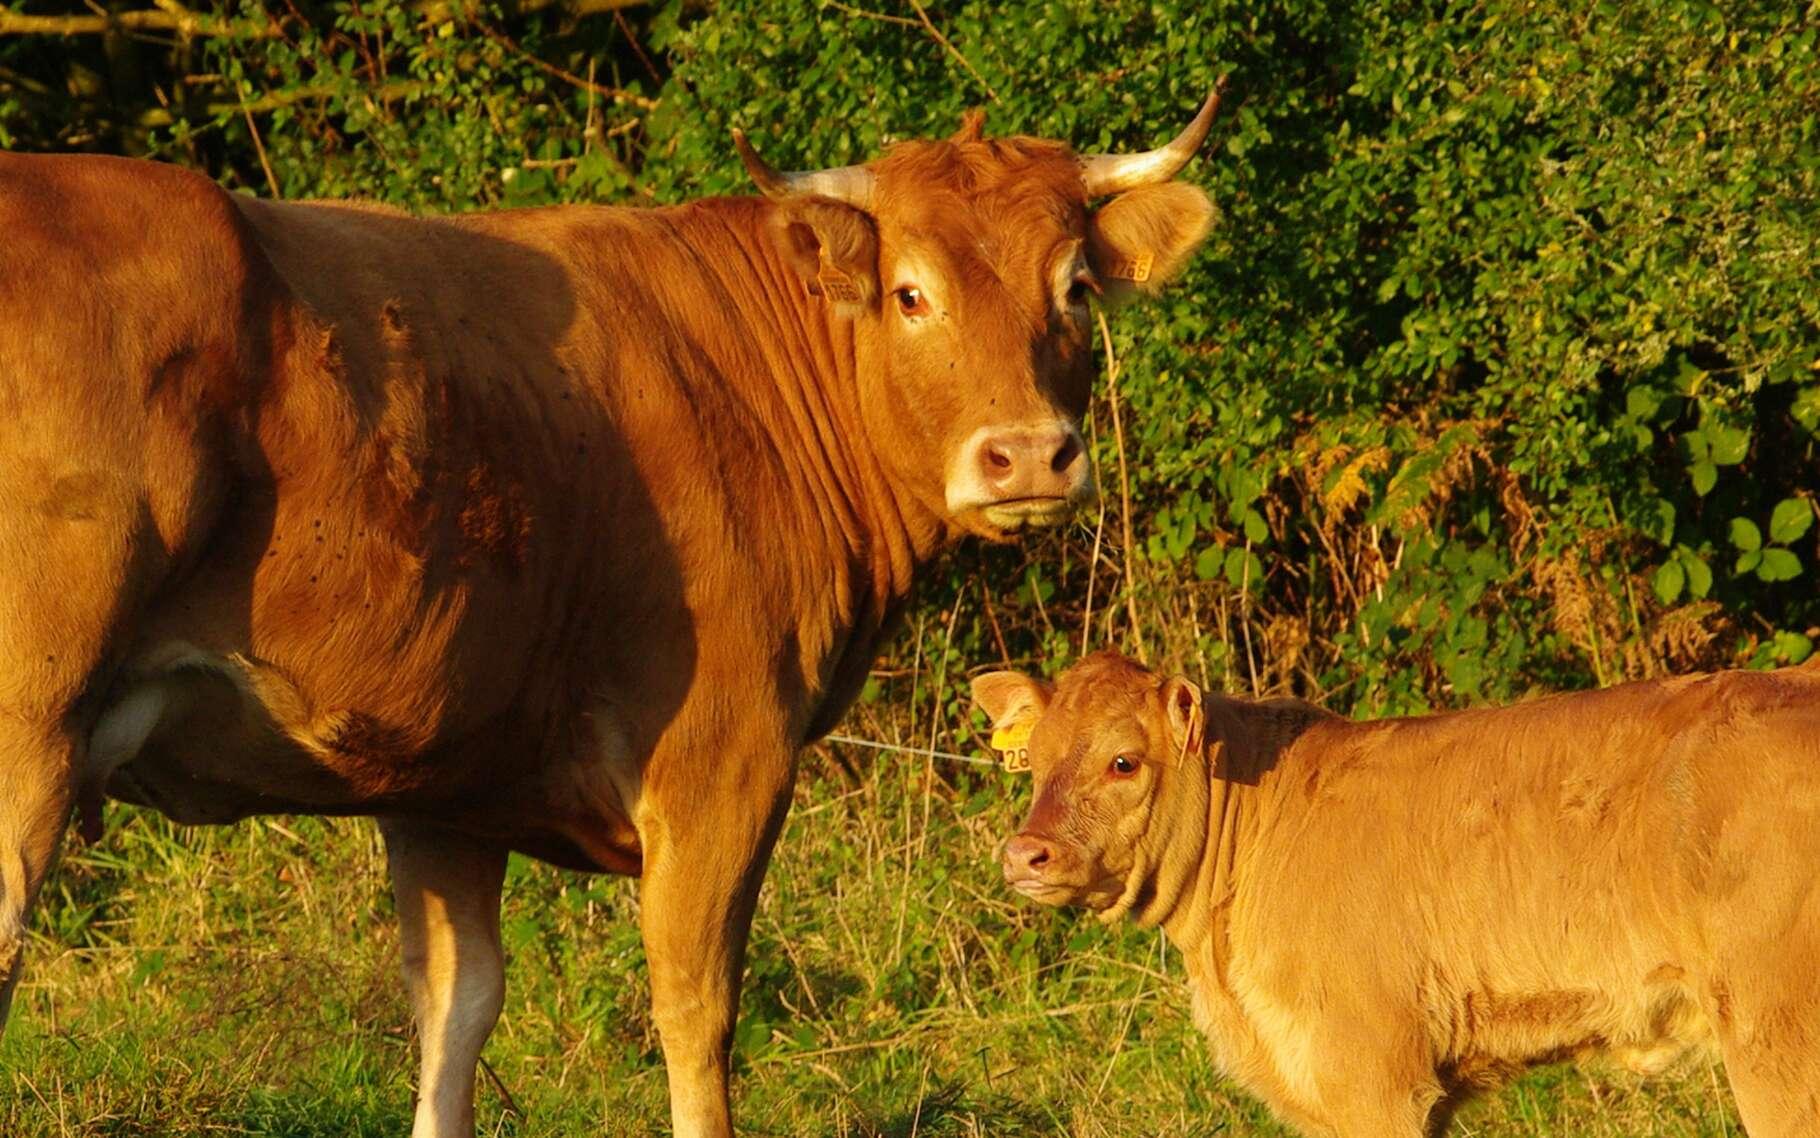 Apprenez à découvrir la vache limousine. Elle en vaut la peine. © DR